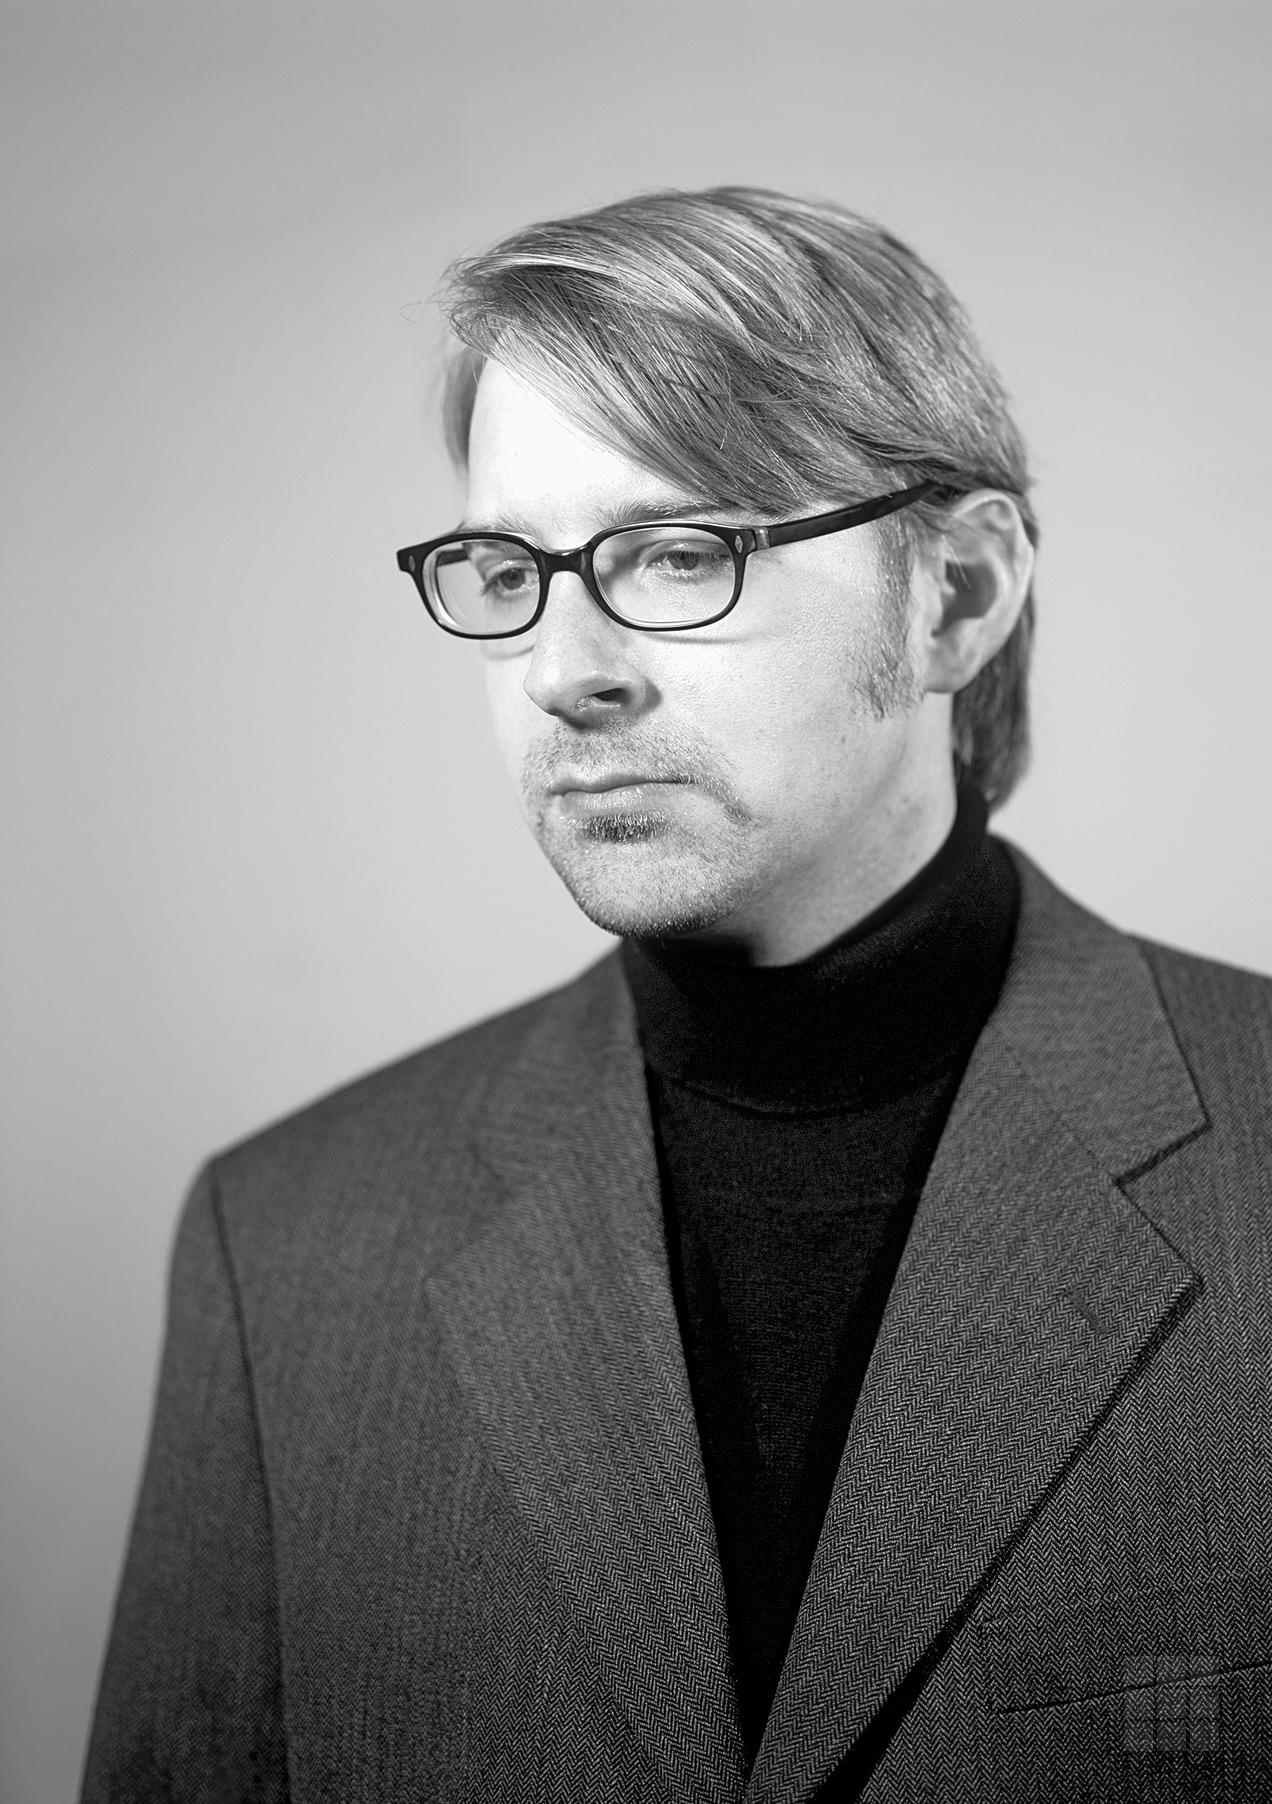 Schwarzweiß Portraitfoto